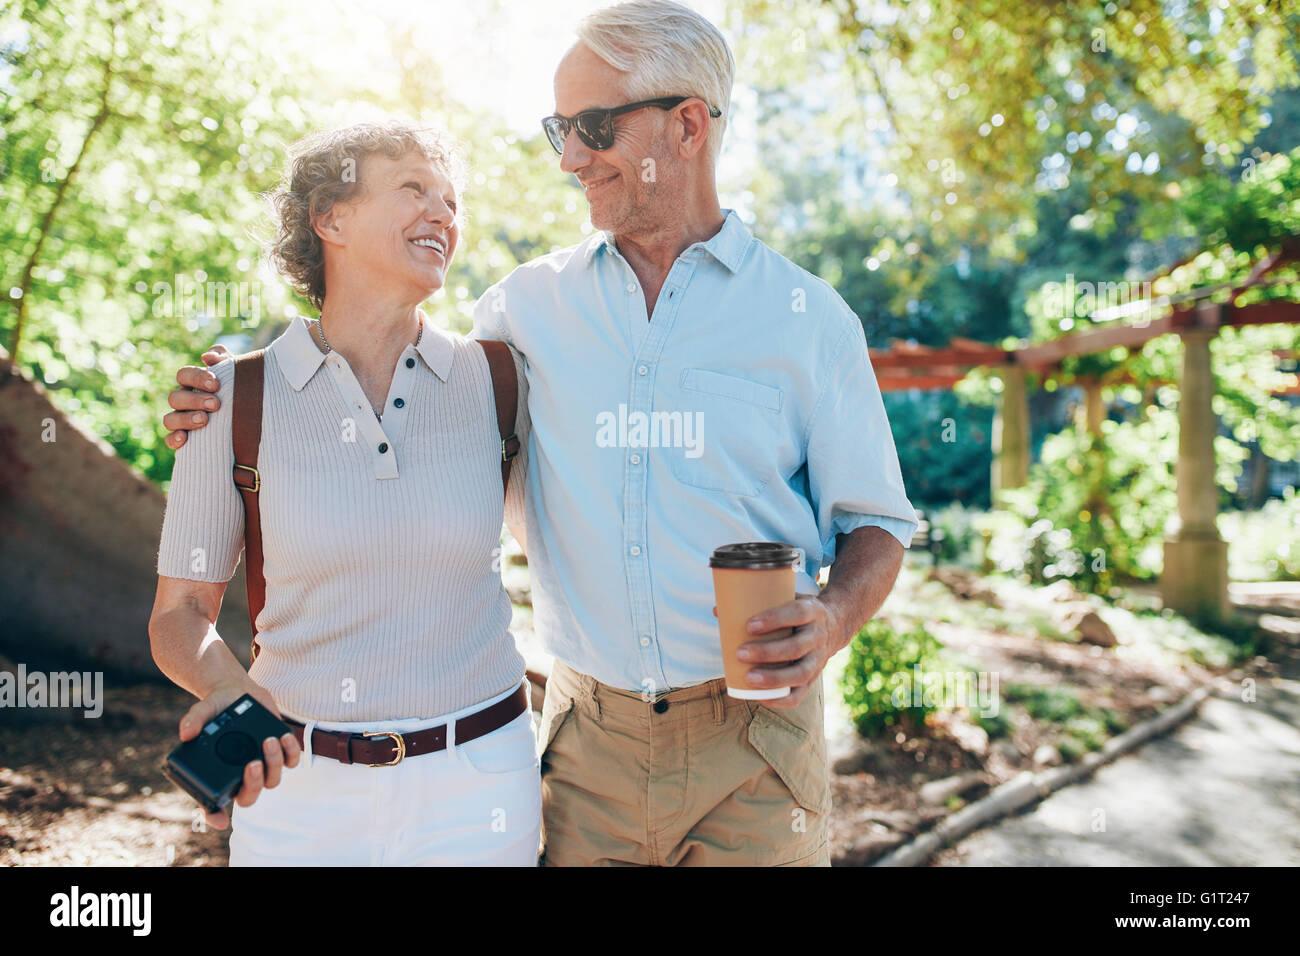 Portrait of happy young couple marcher ensemble dans un parc. Mari et femme en vacances. Photo Stock